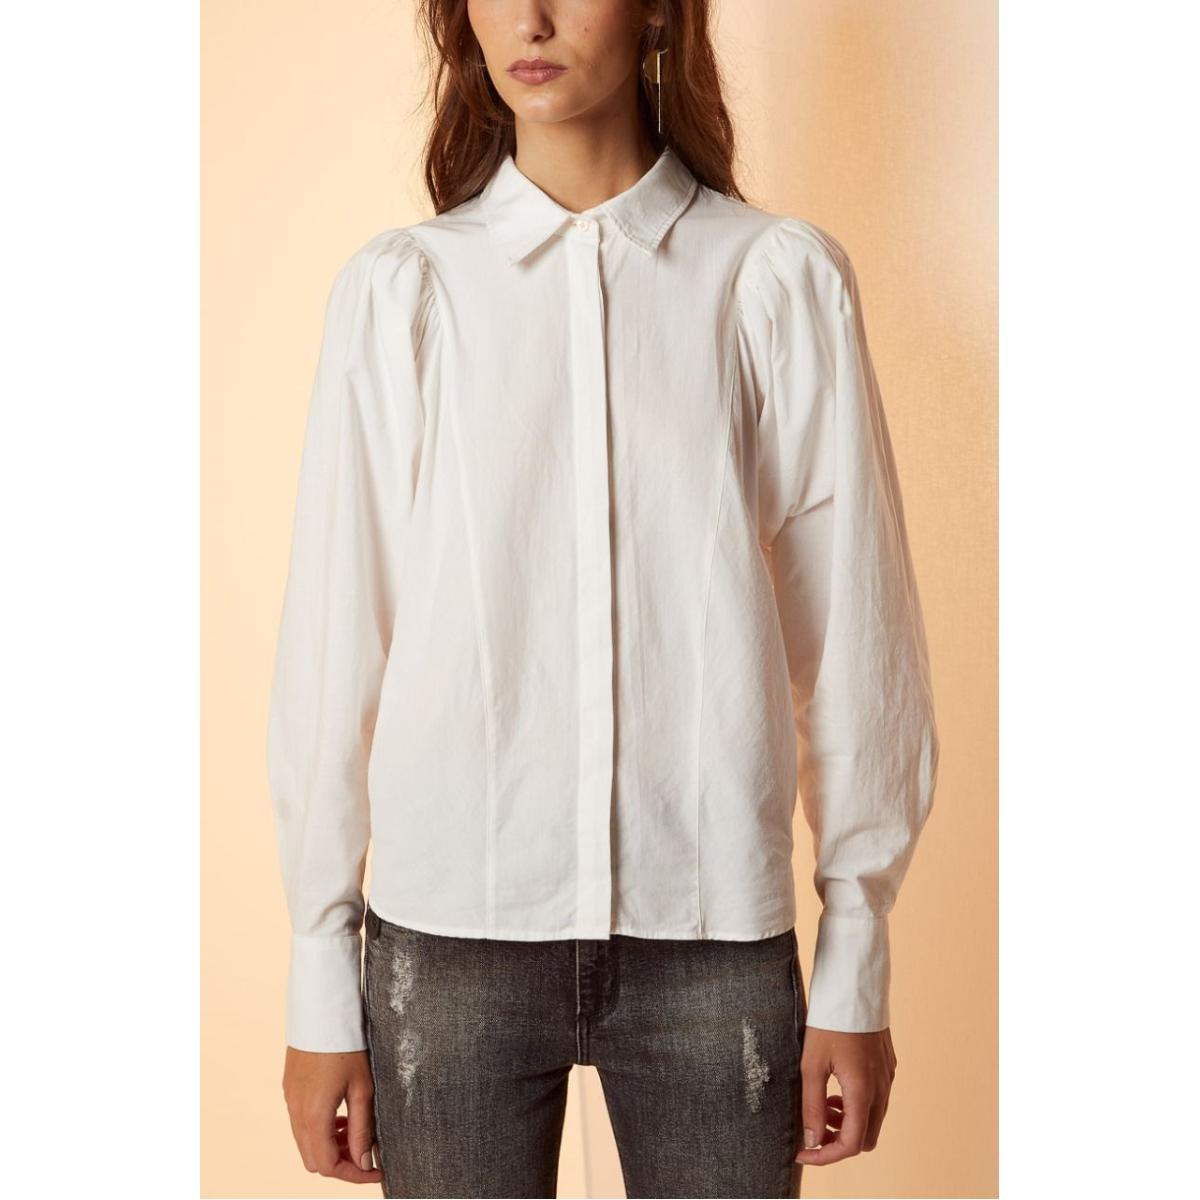 Camisa Feminina Forum 304601398 58529 Off White